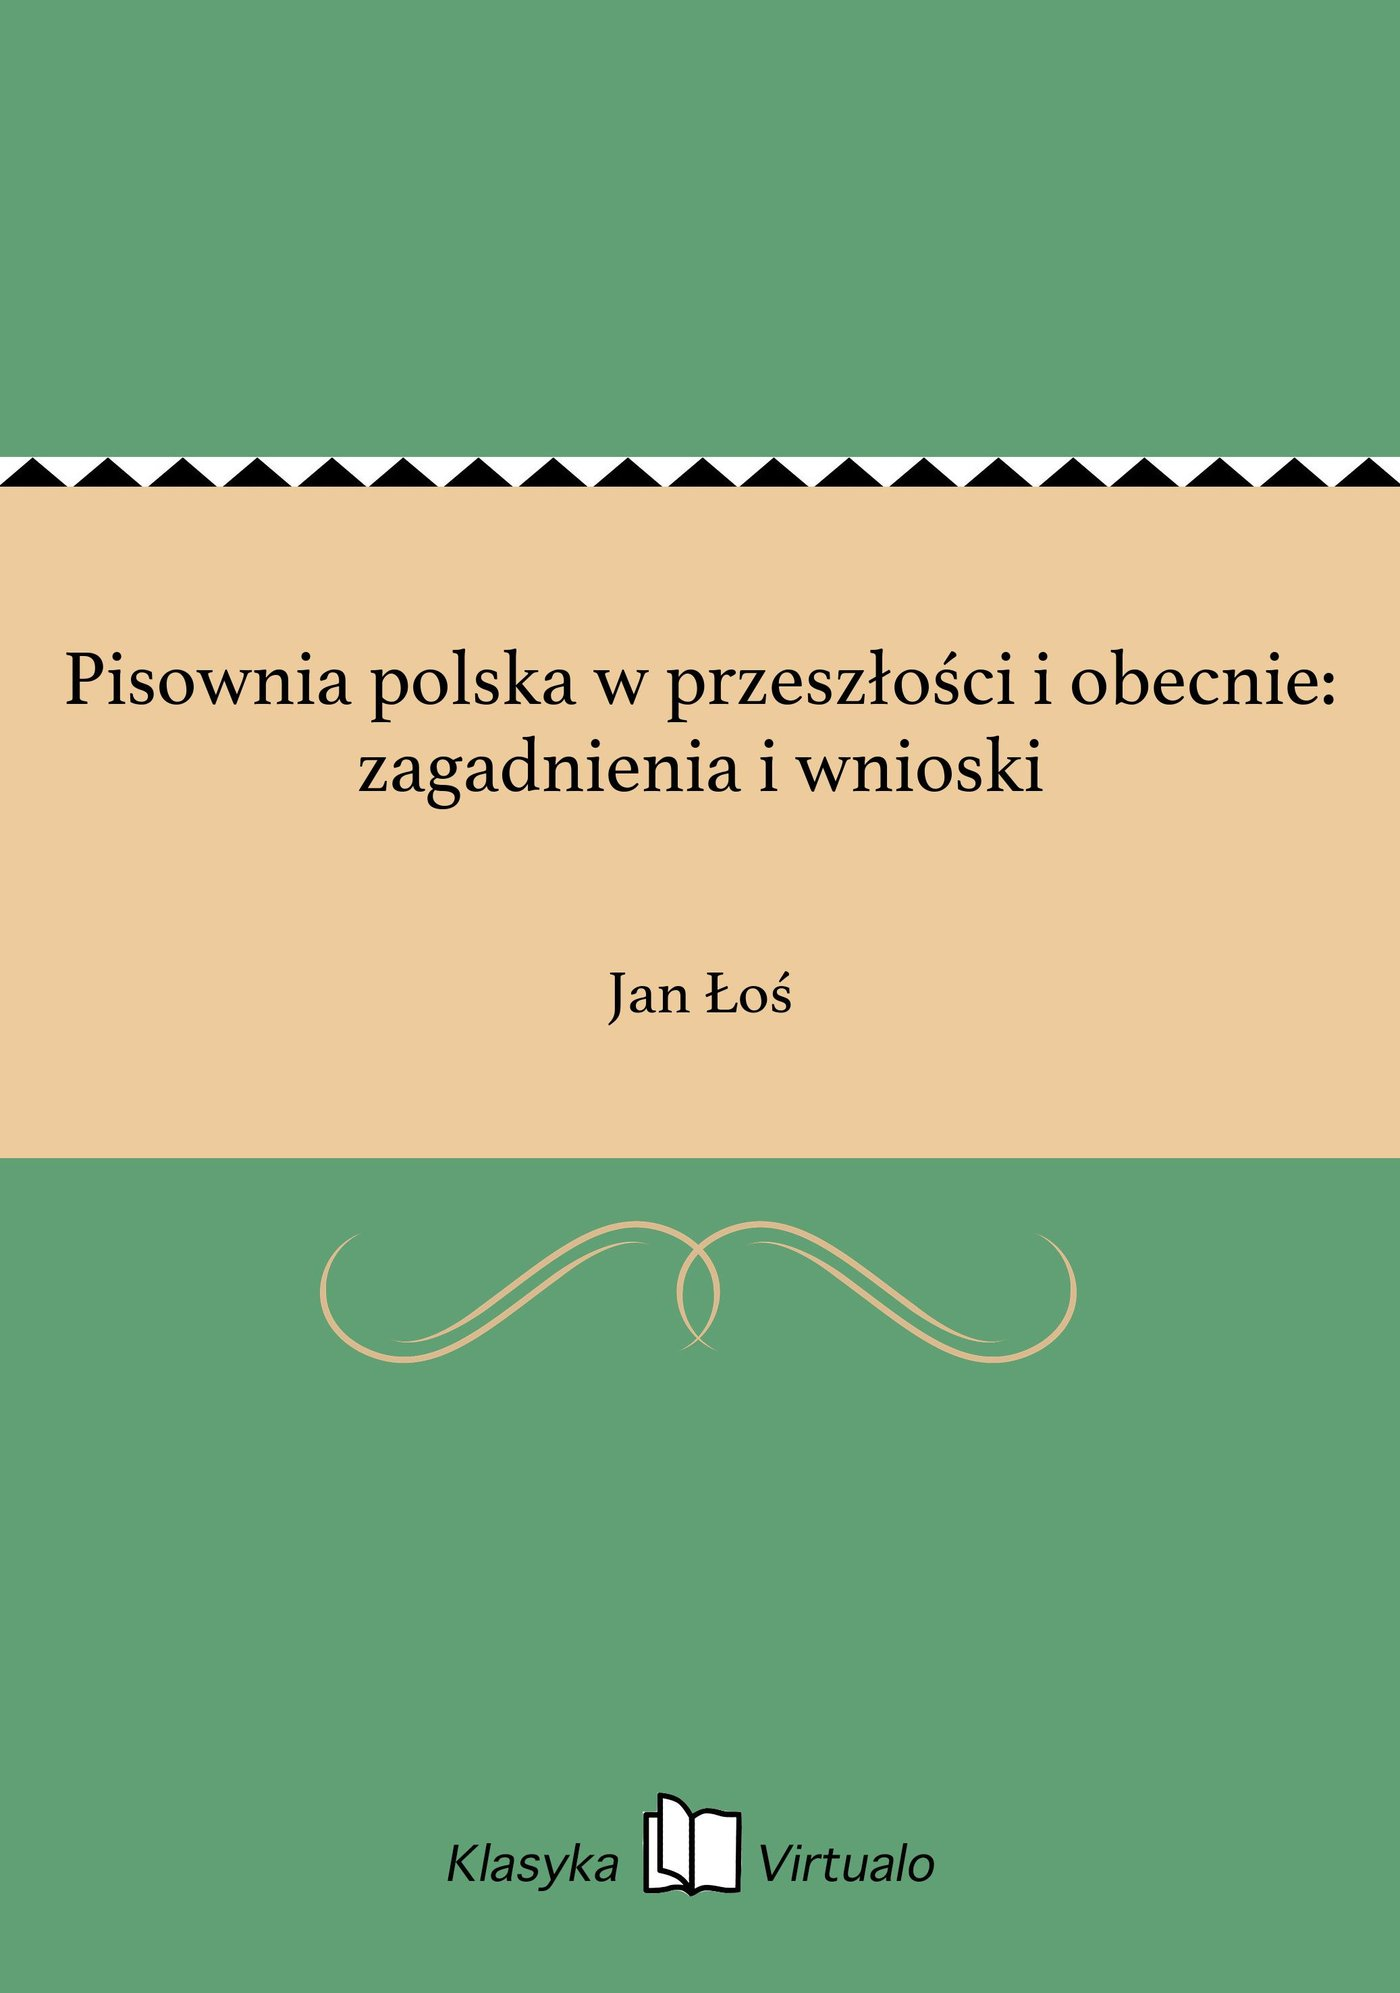 Pisownia polska w przeszłości i obecnie: zagadnienia i wnioski - Ebook (Książka EPUB) do pobrania w formacie EPUB